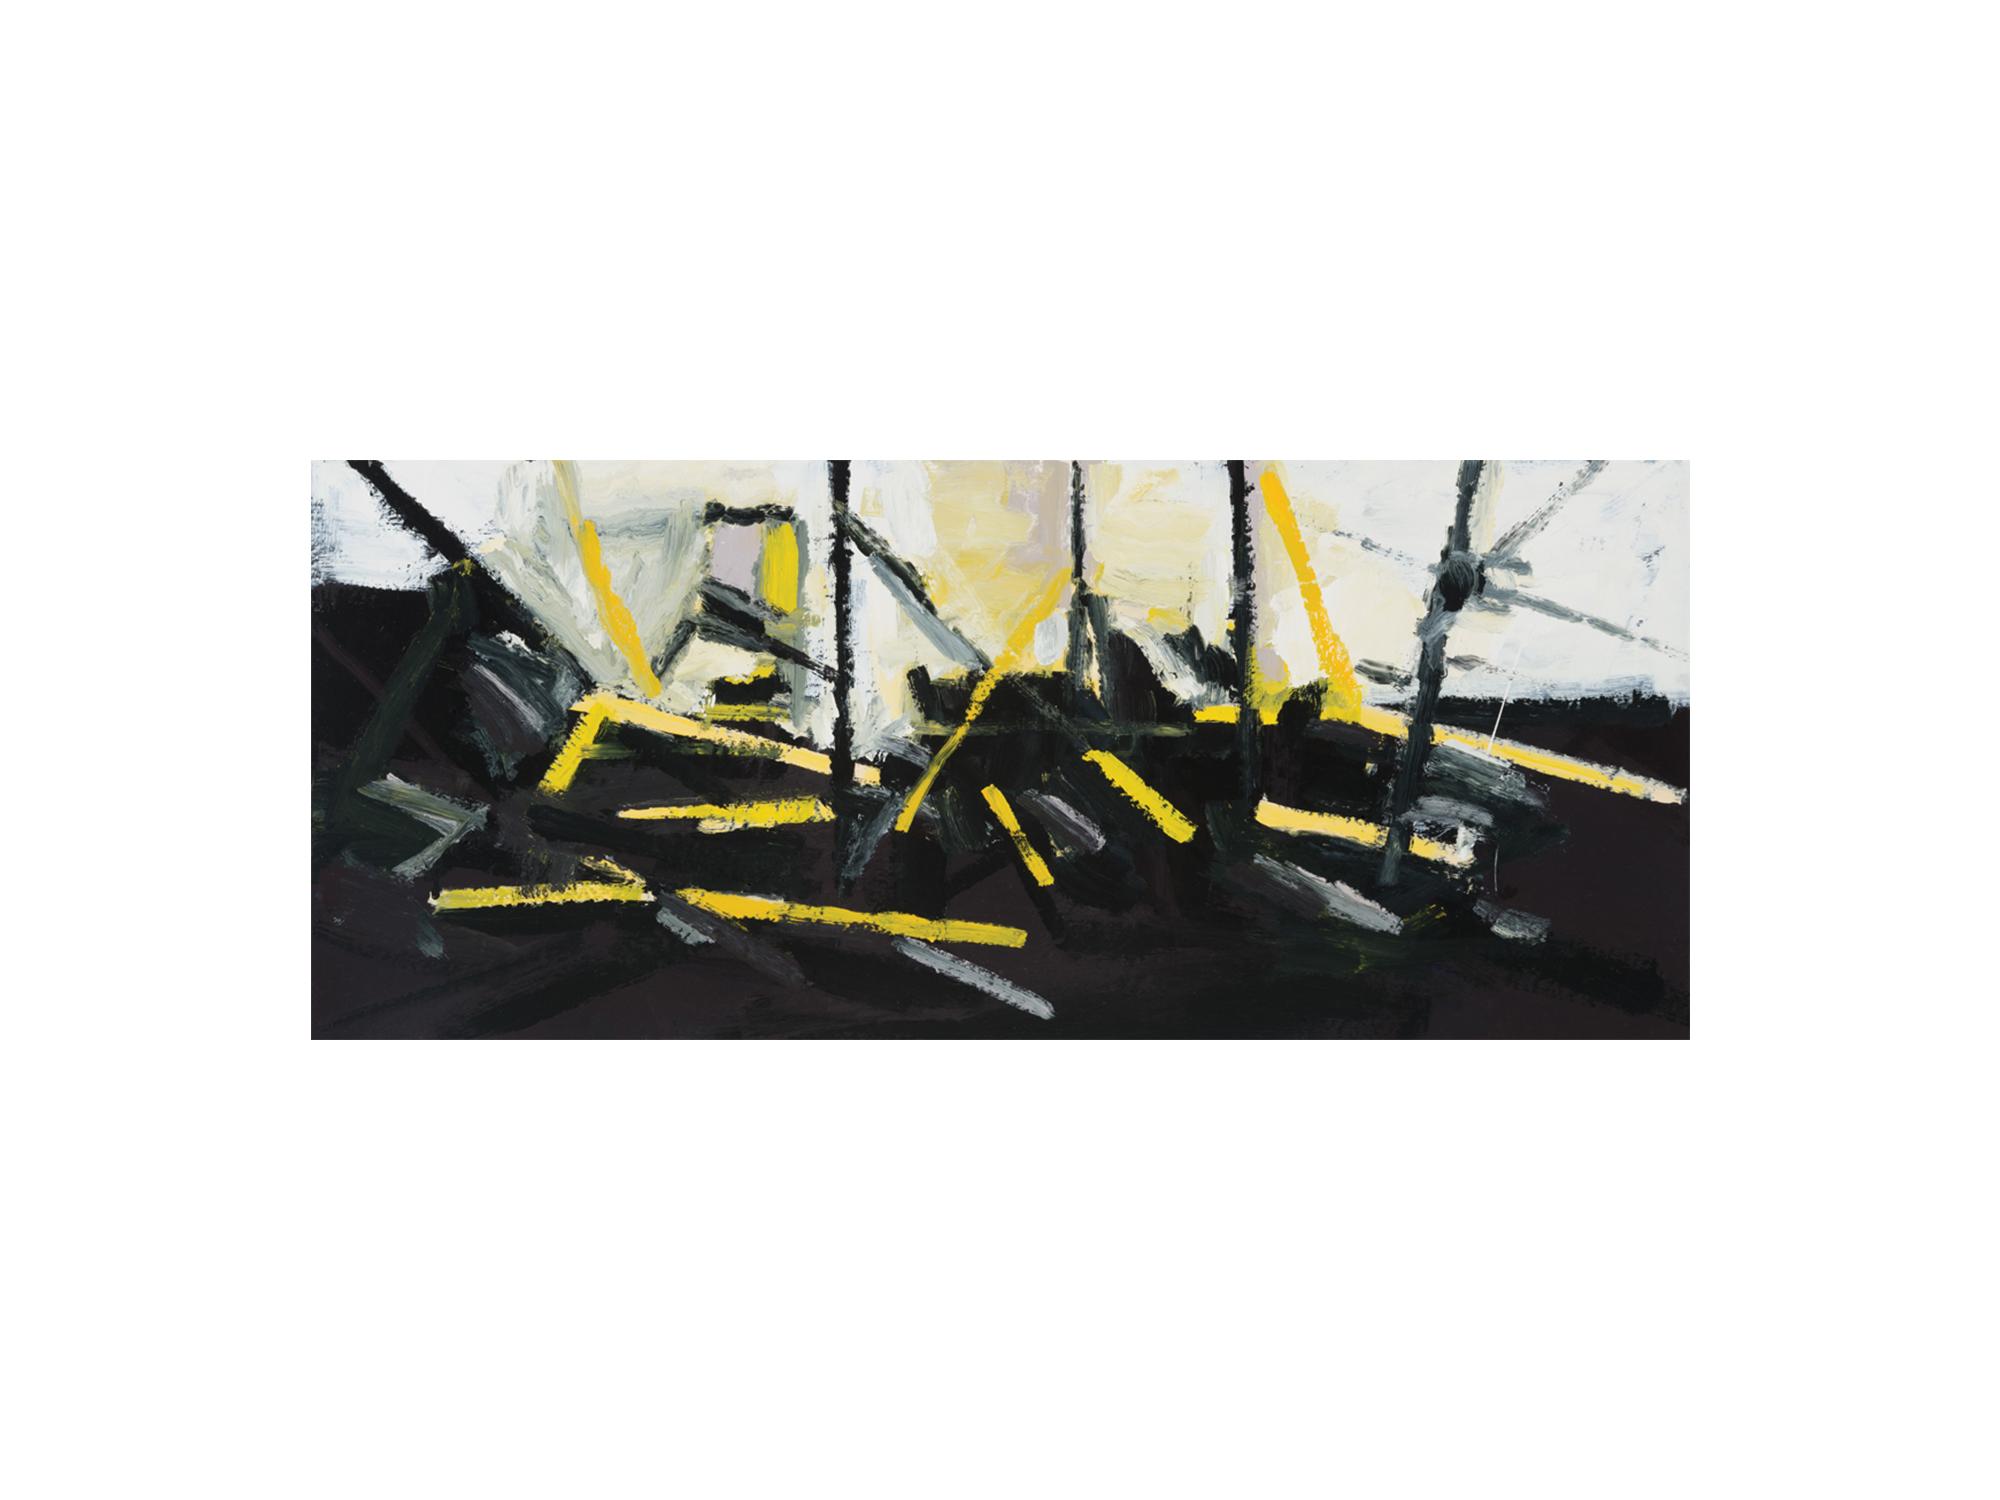 James Clayden   Carpark ,2016 enamel on board 320 x 750cm   ARTIST BIO